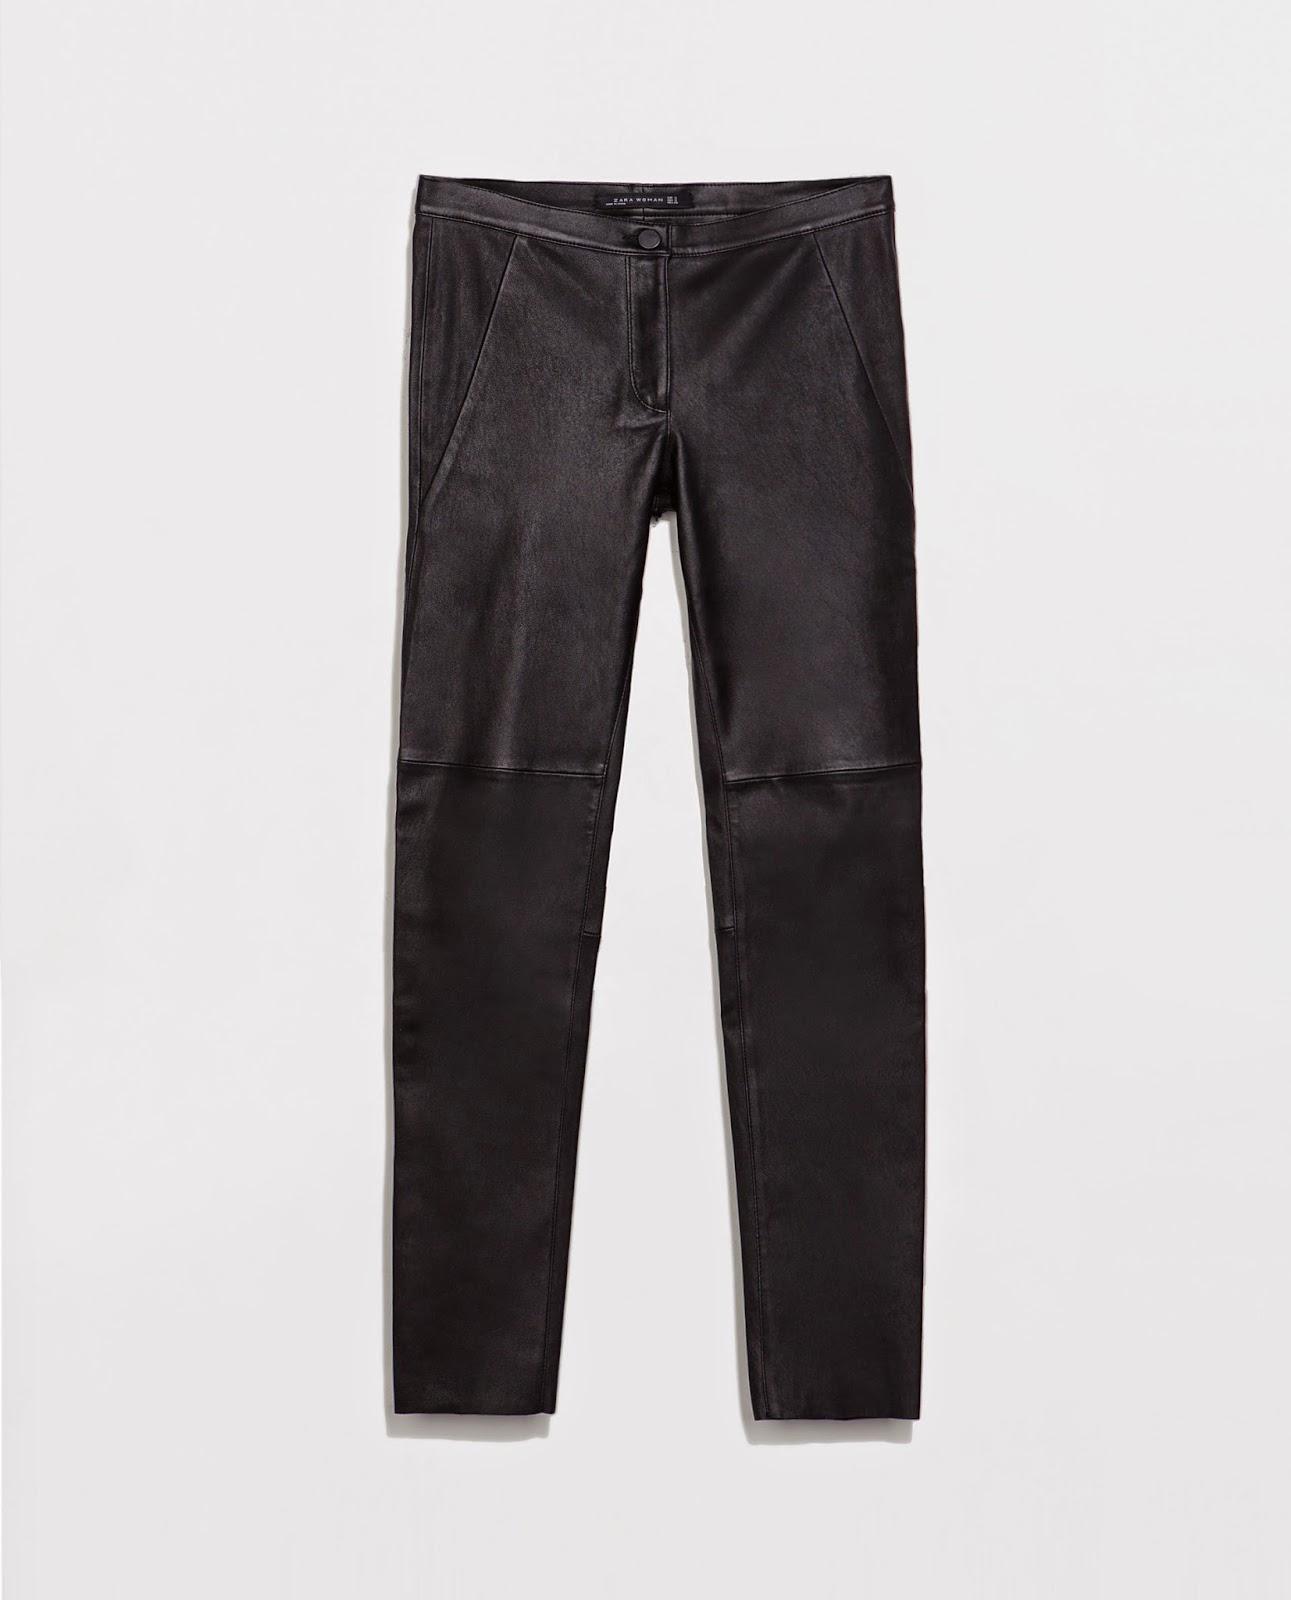 Skinny de piel negro Zara, Black, street style, pants